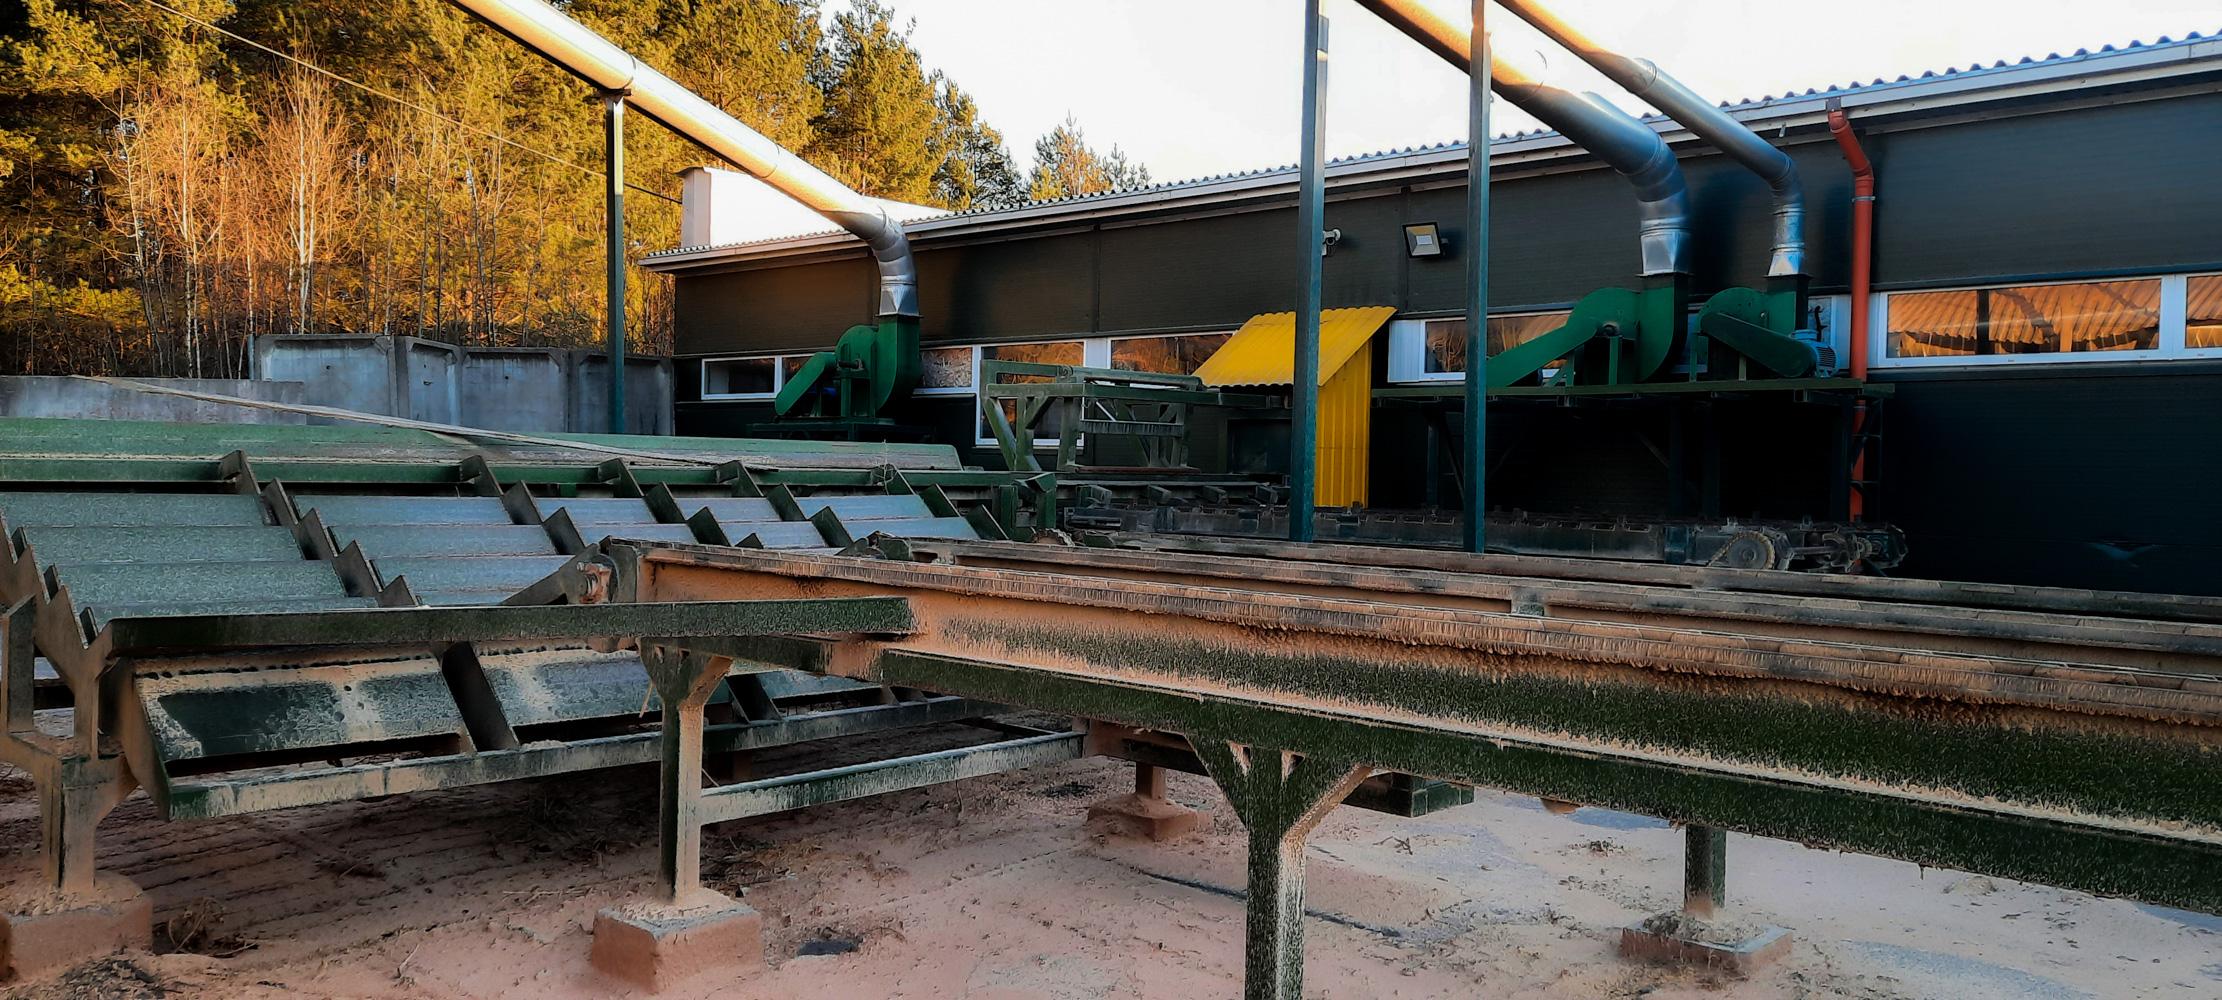 Rąstų rampa ir laiptuotas transporteris/ Logs storage platform and separation device and